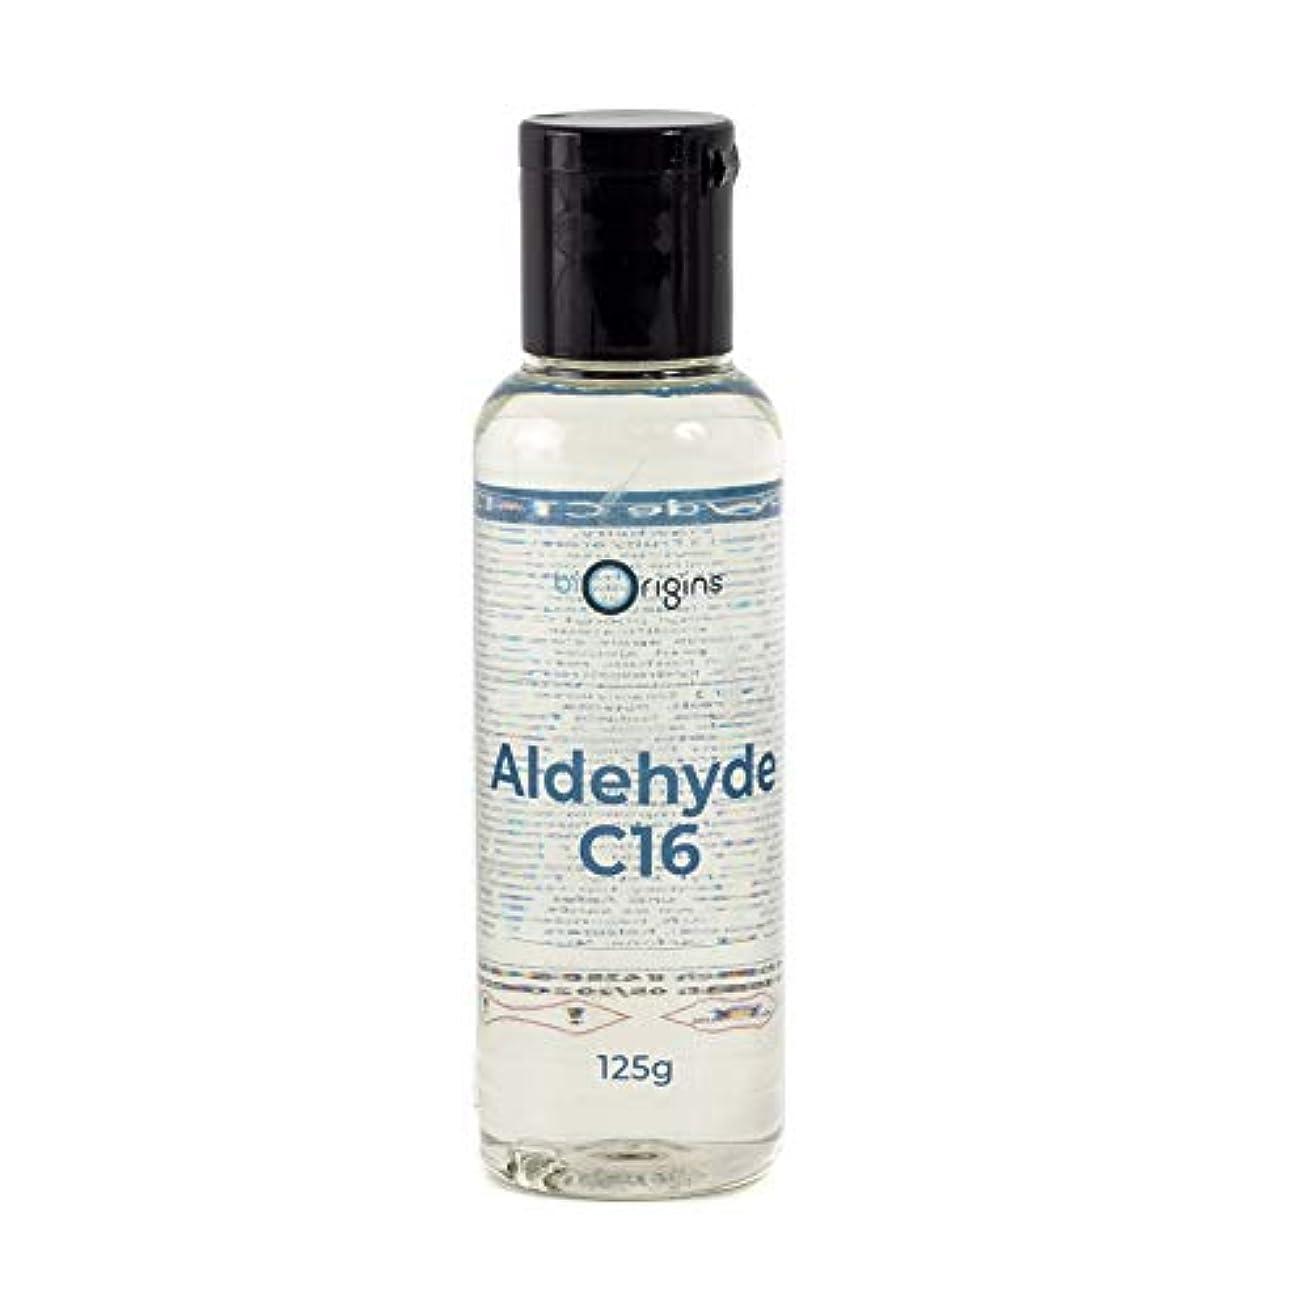 バンカー重量彼自身Mystic Moments | Aldehyde C16 (Ethyl Methyl Phenyl Glycidate) - 250g